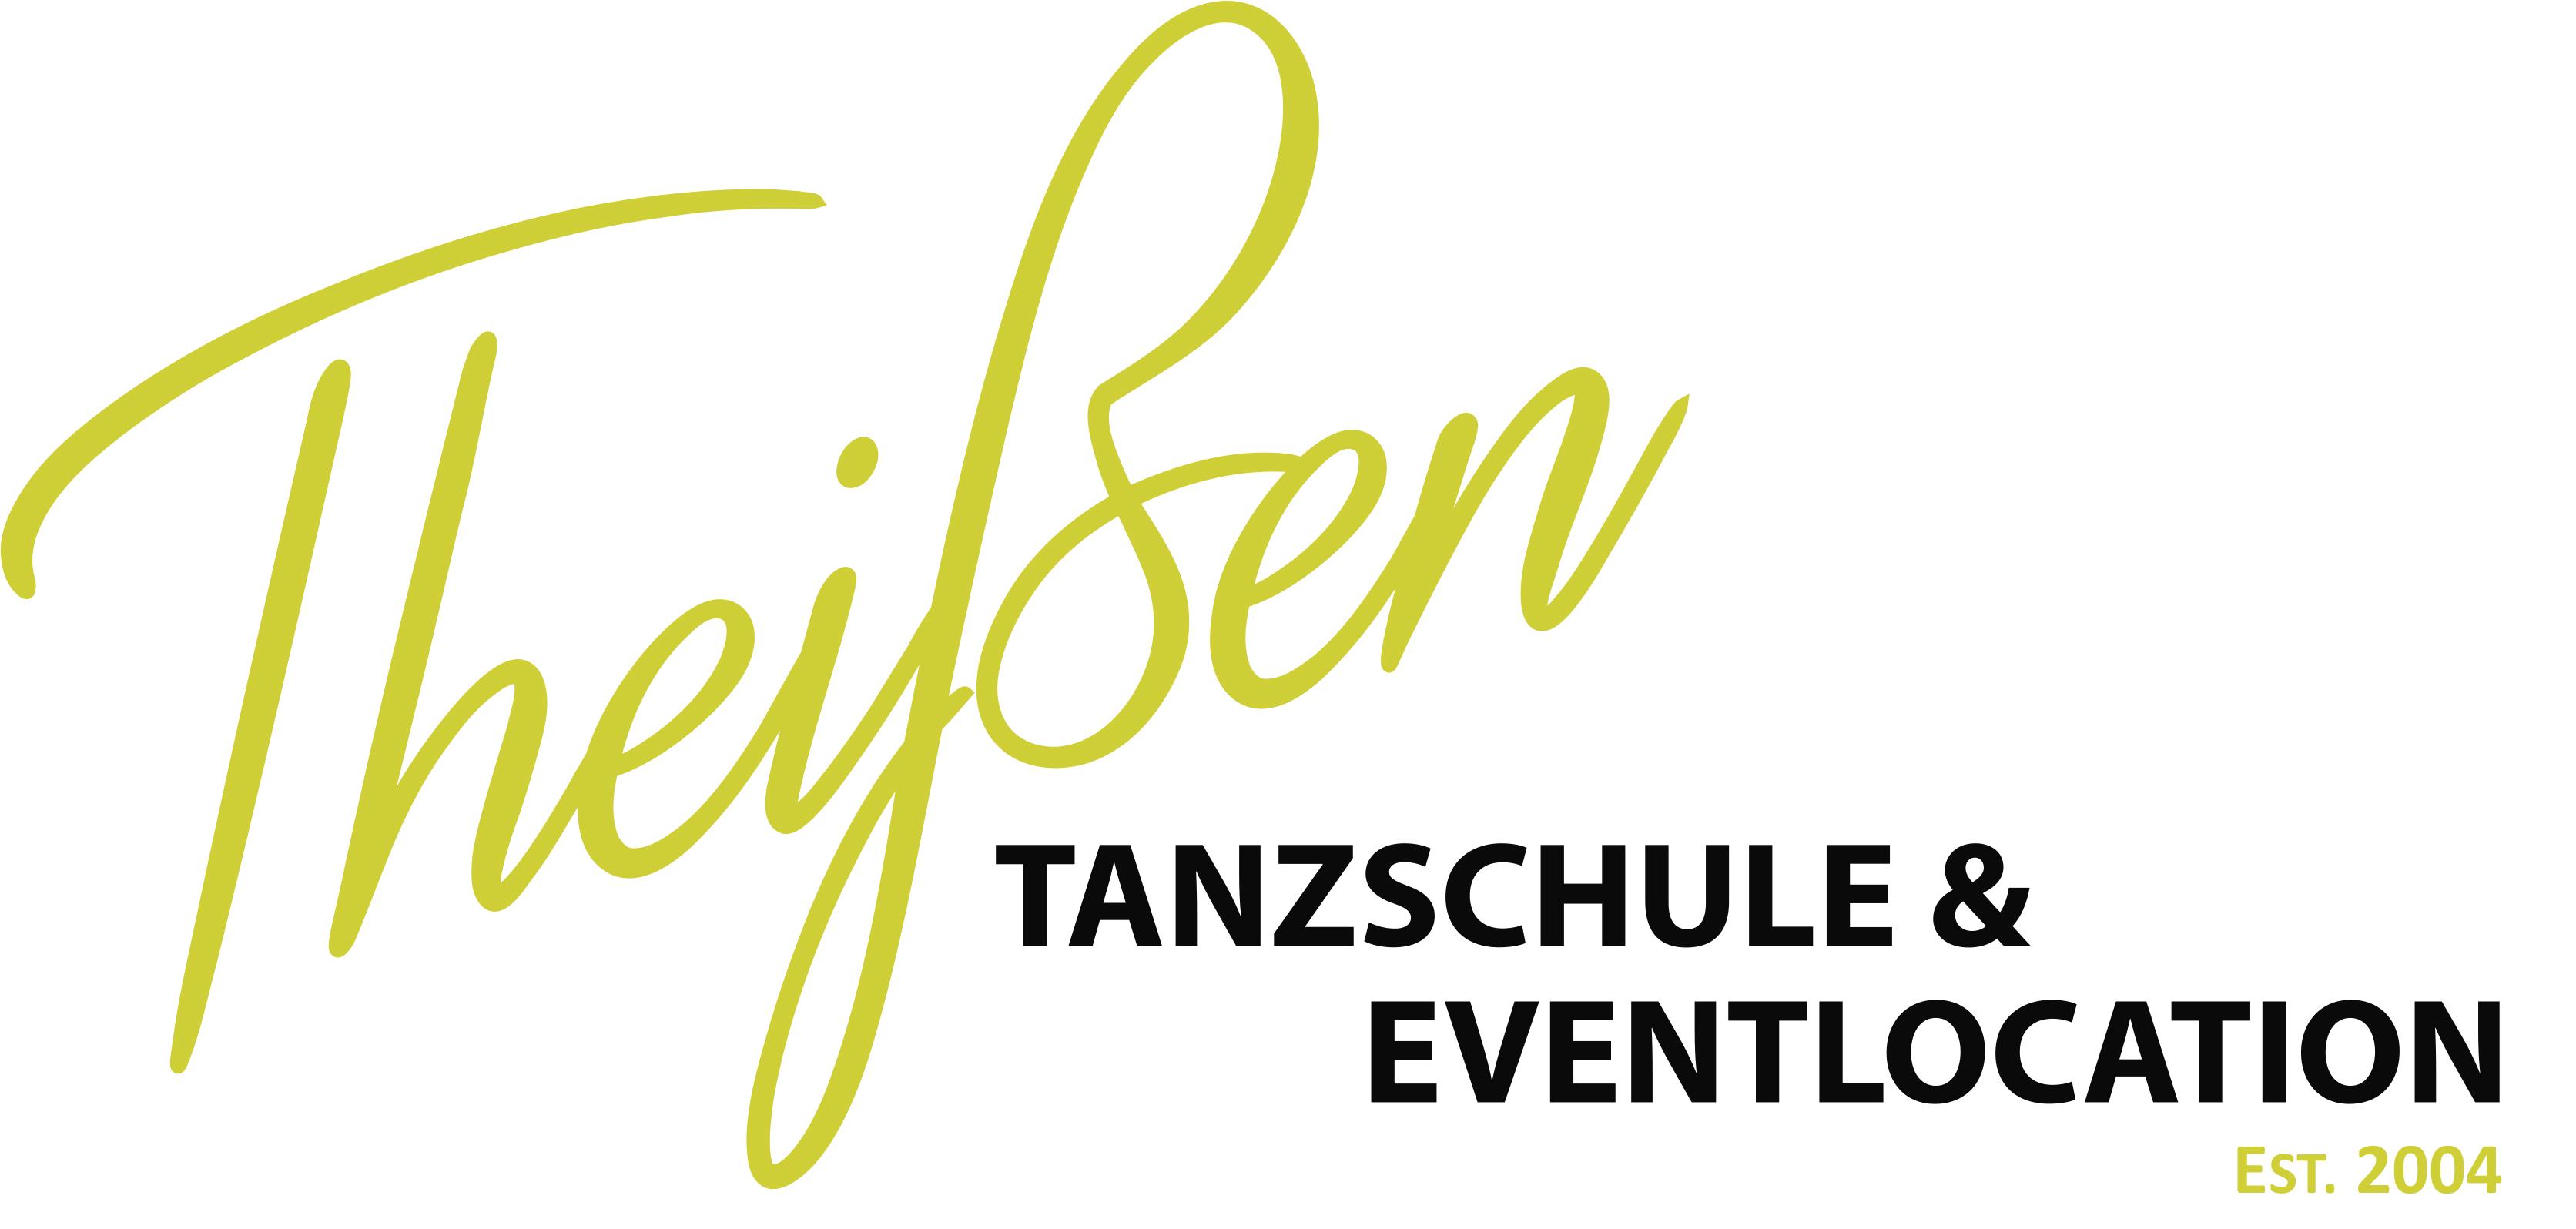 Tanzschule & Eventlocation Theißen